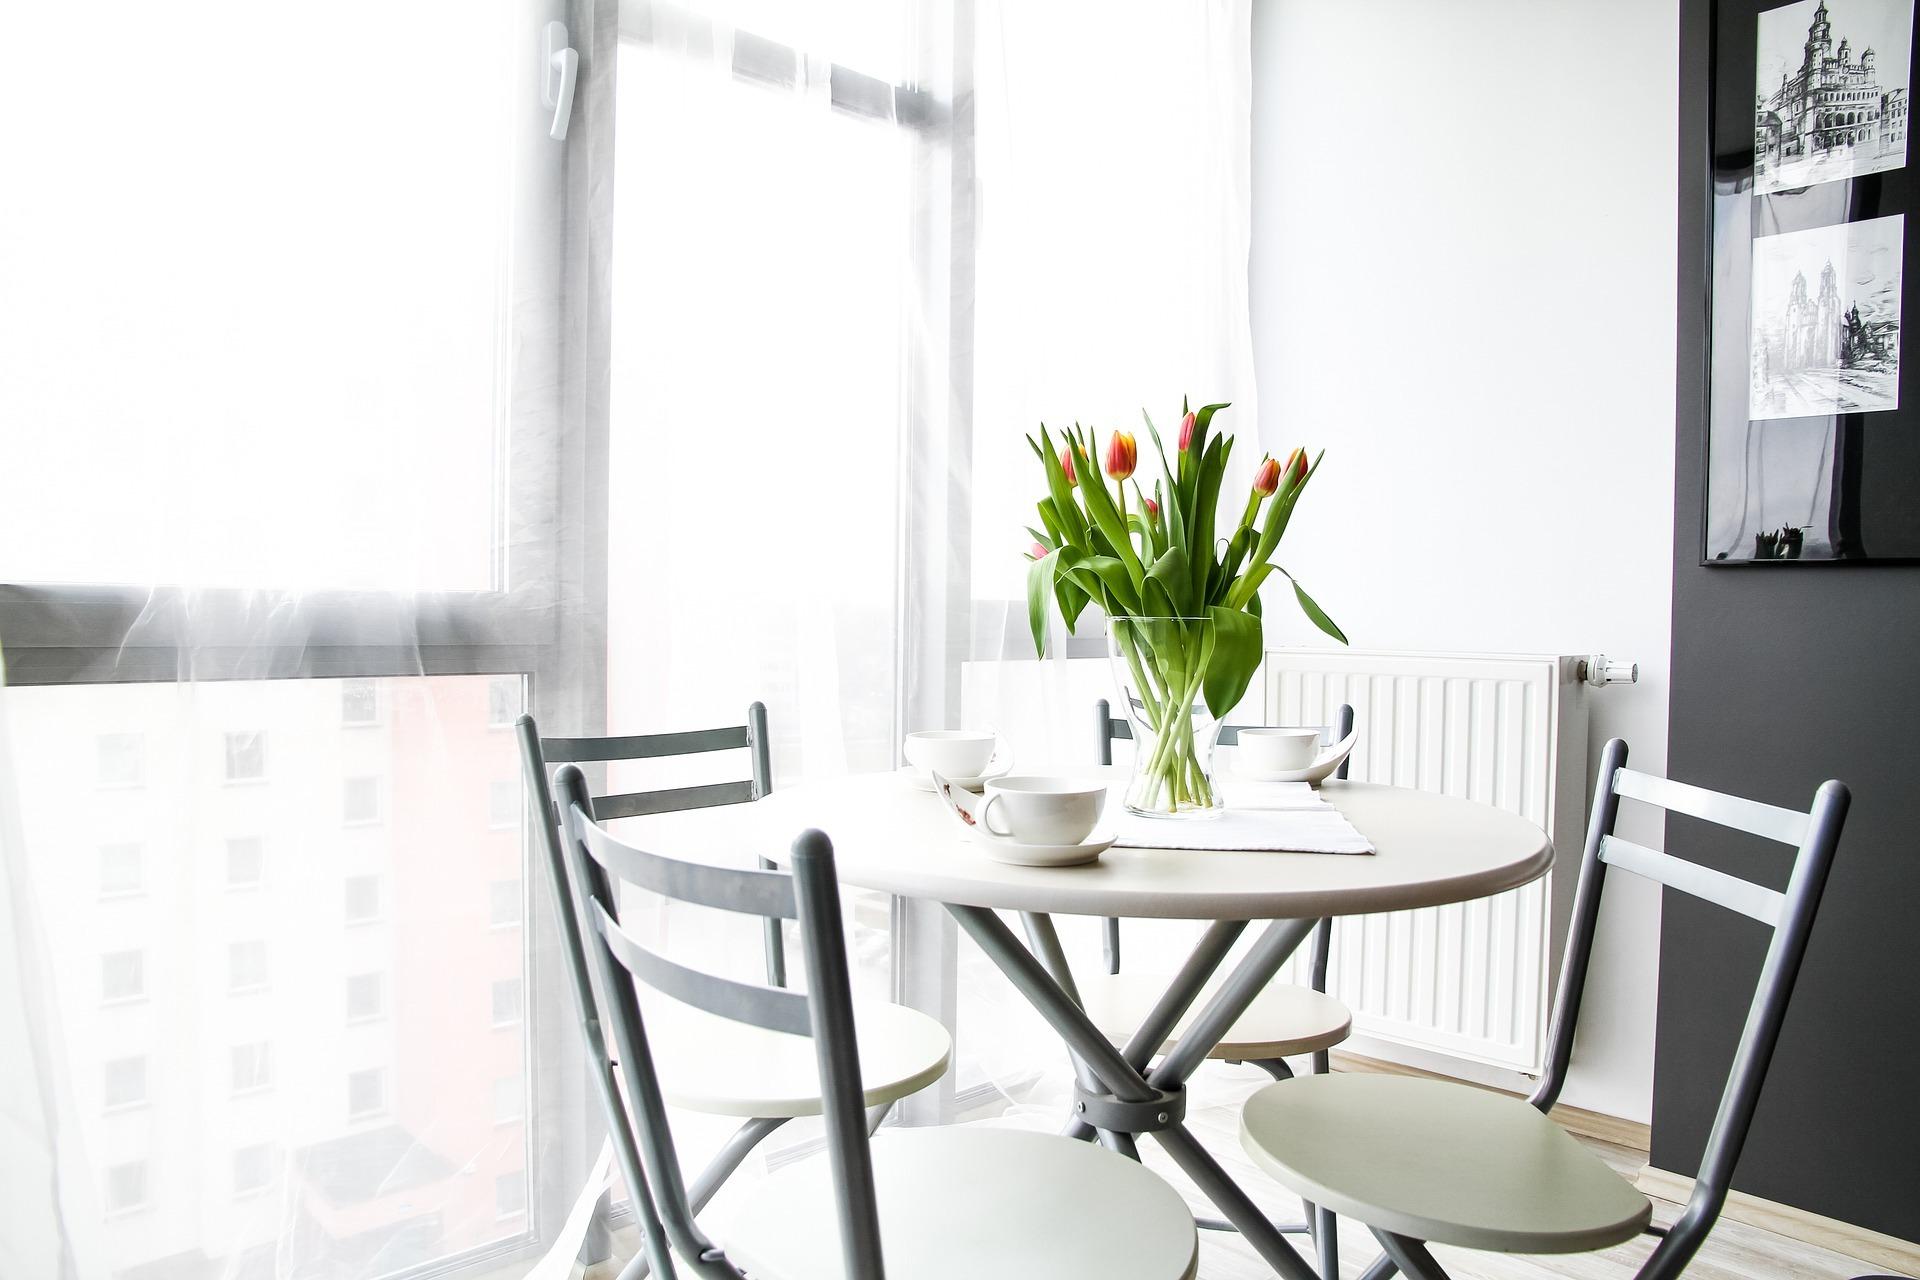 Тепловой насос для квартиры 80 м² – отчёт по реализованному проекту